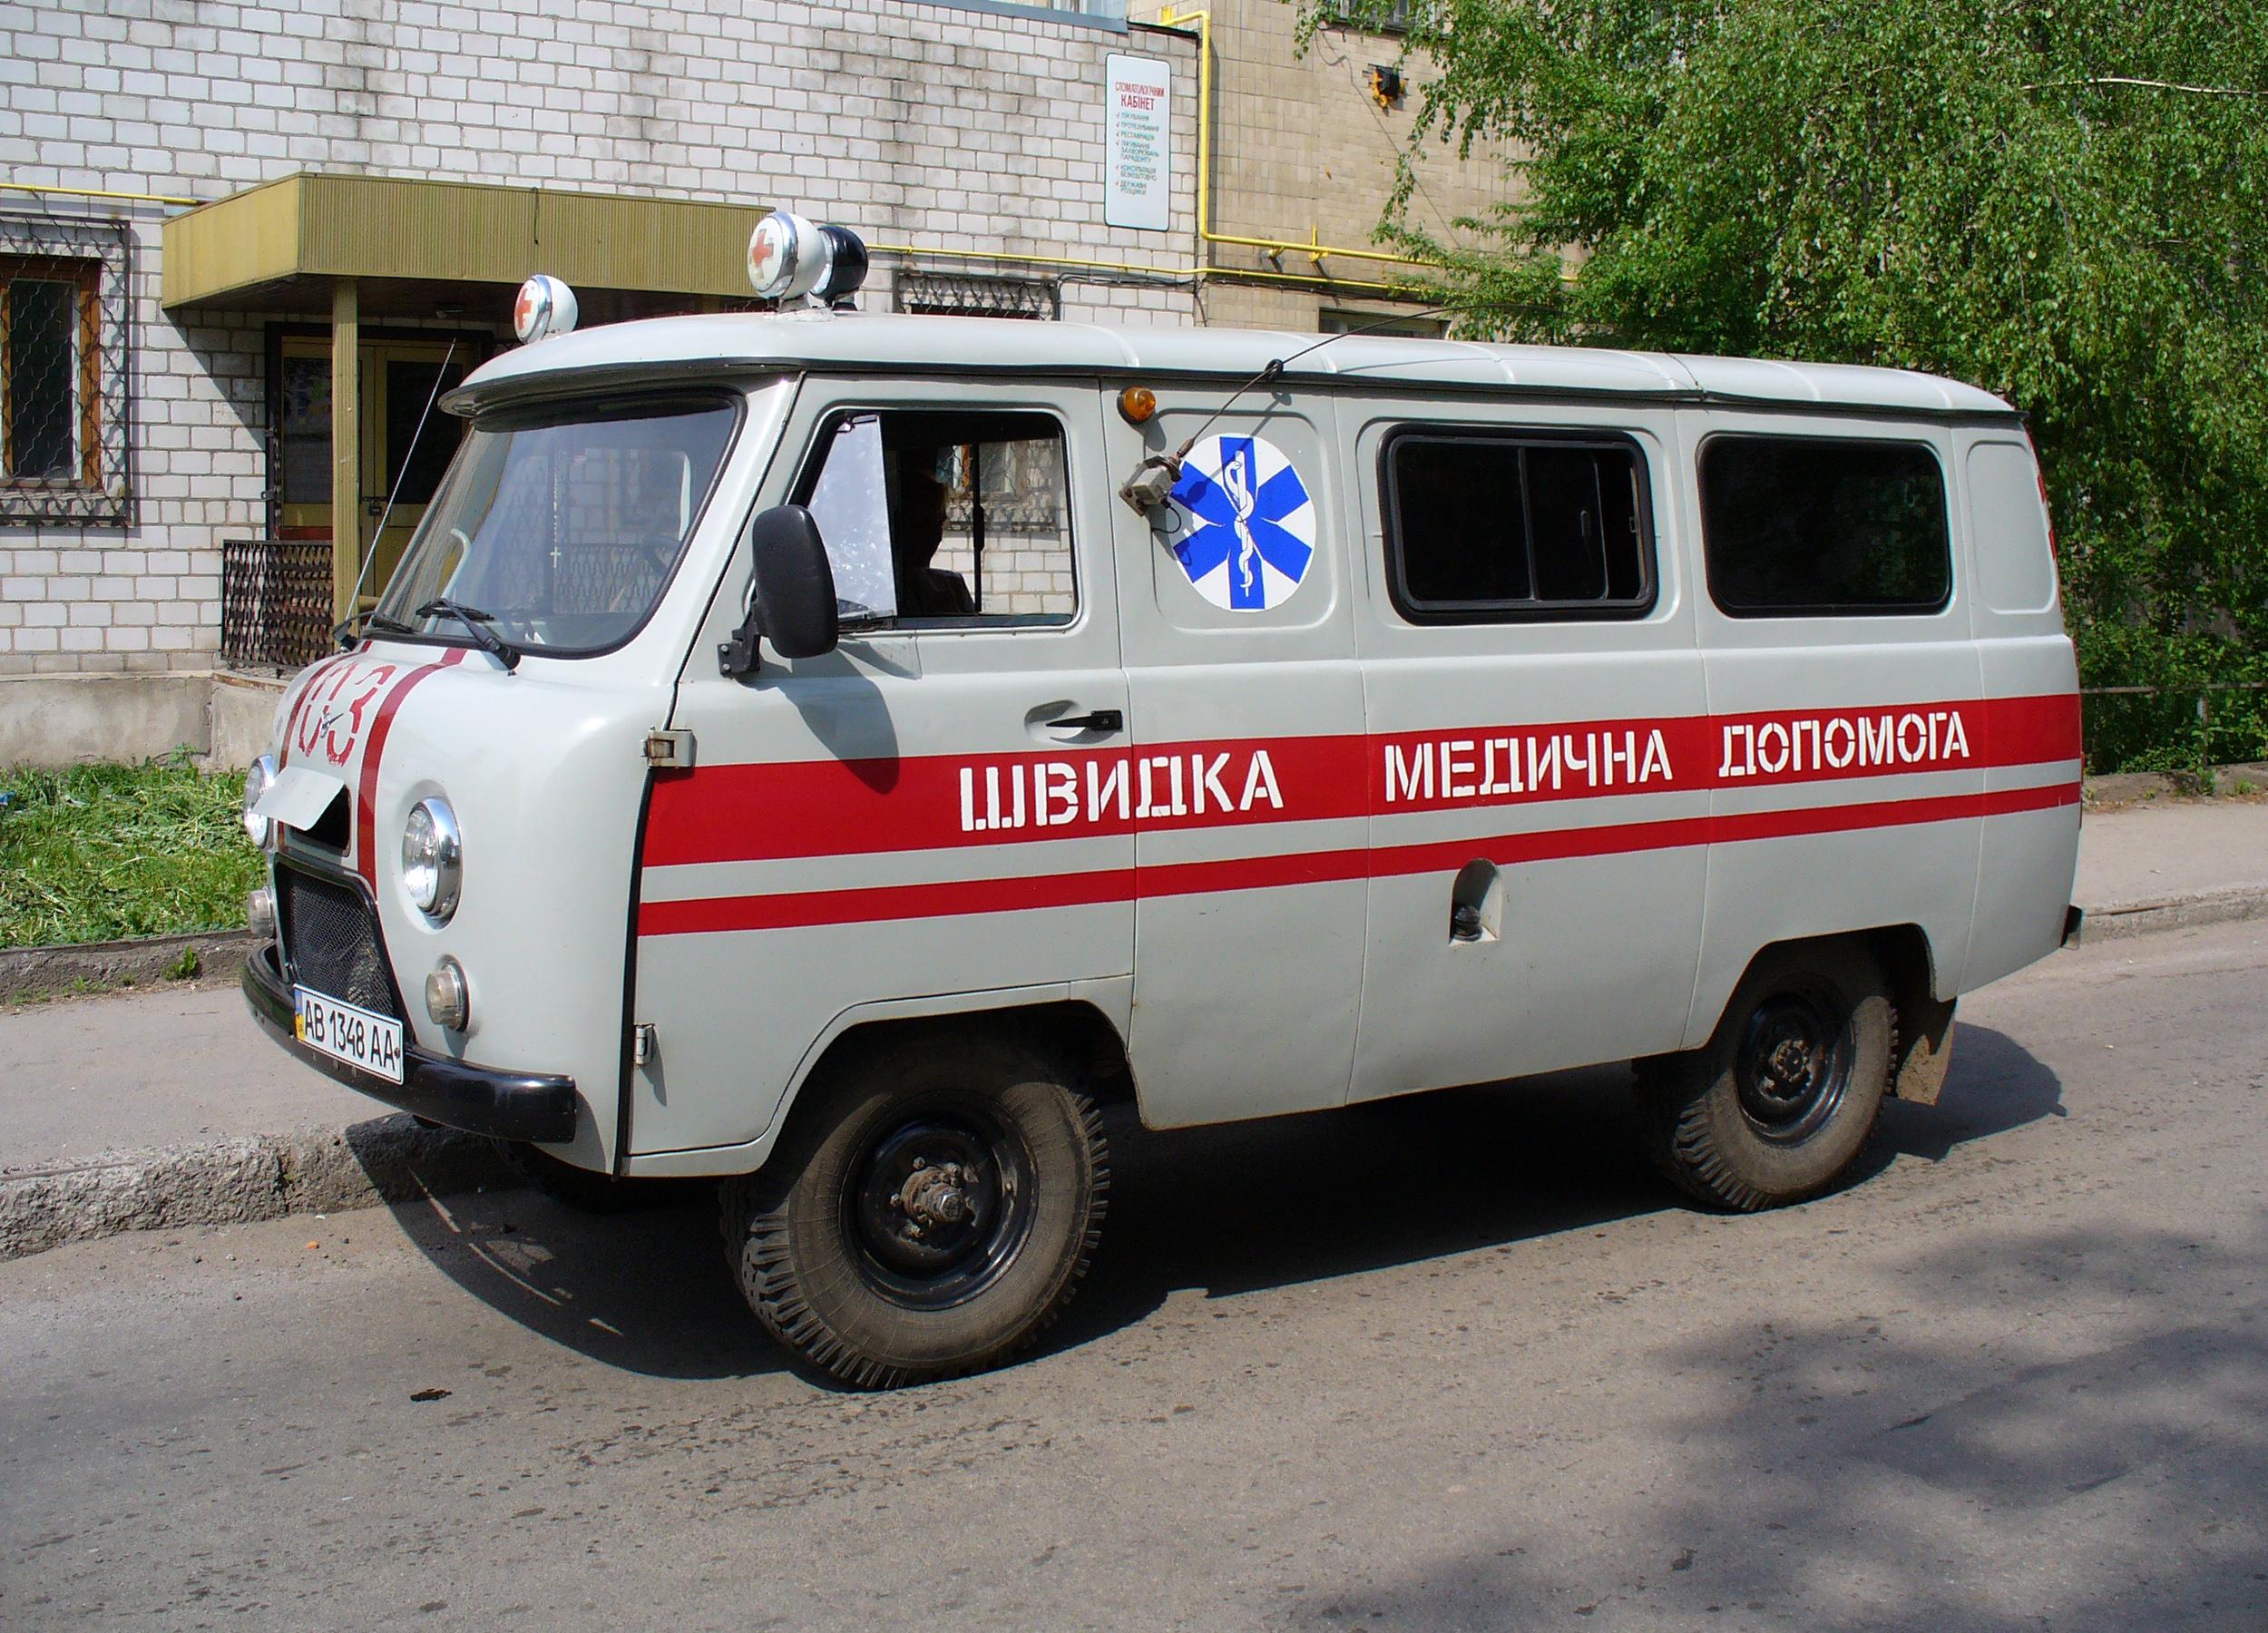 File:UAZ-452 Medical (EMS) 2006 G4.jpg